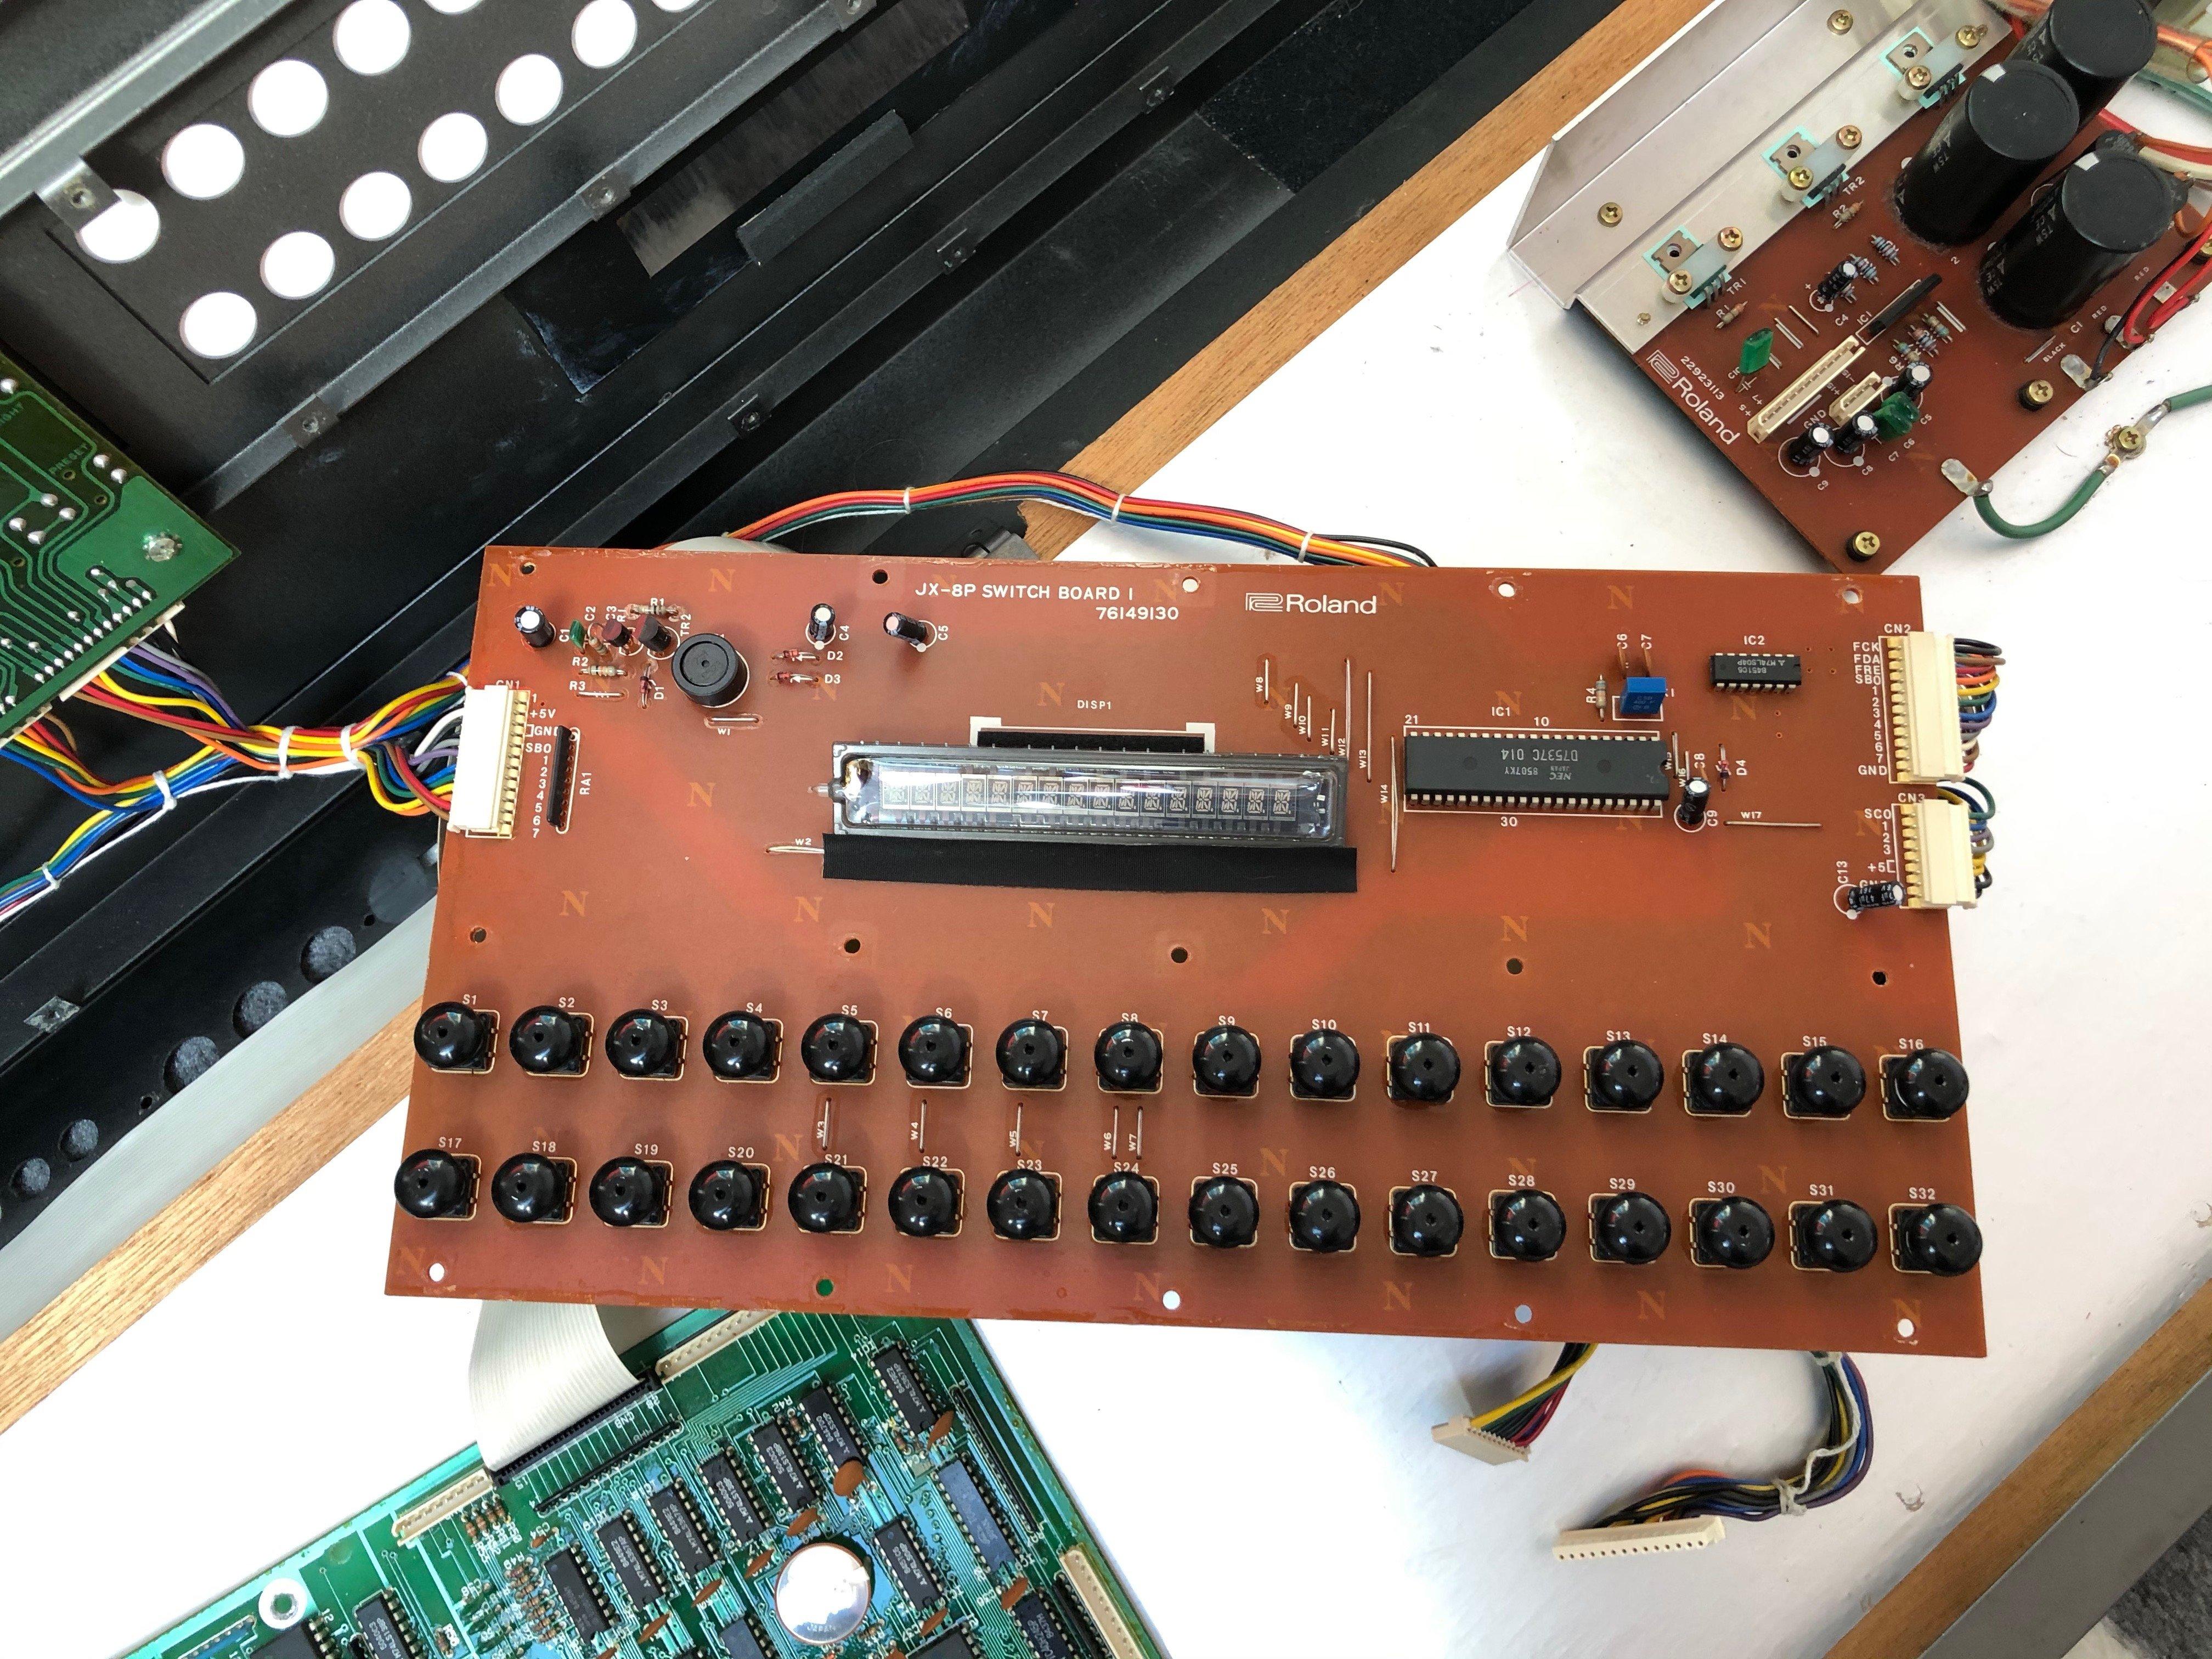 Photo de la switch board 1 avec l'écran du Roland JX-8P